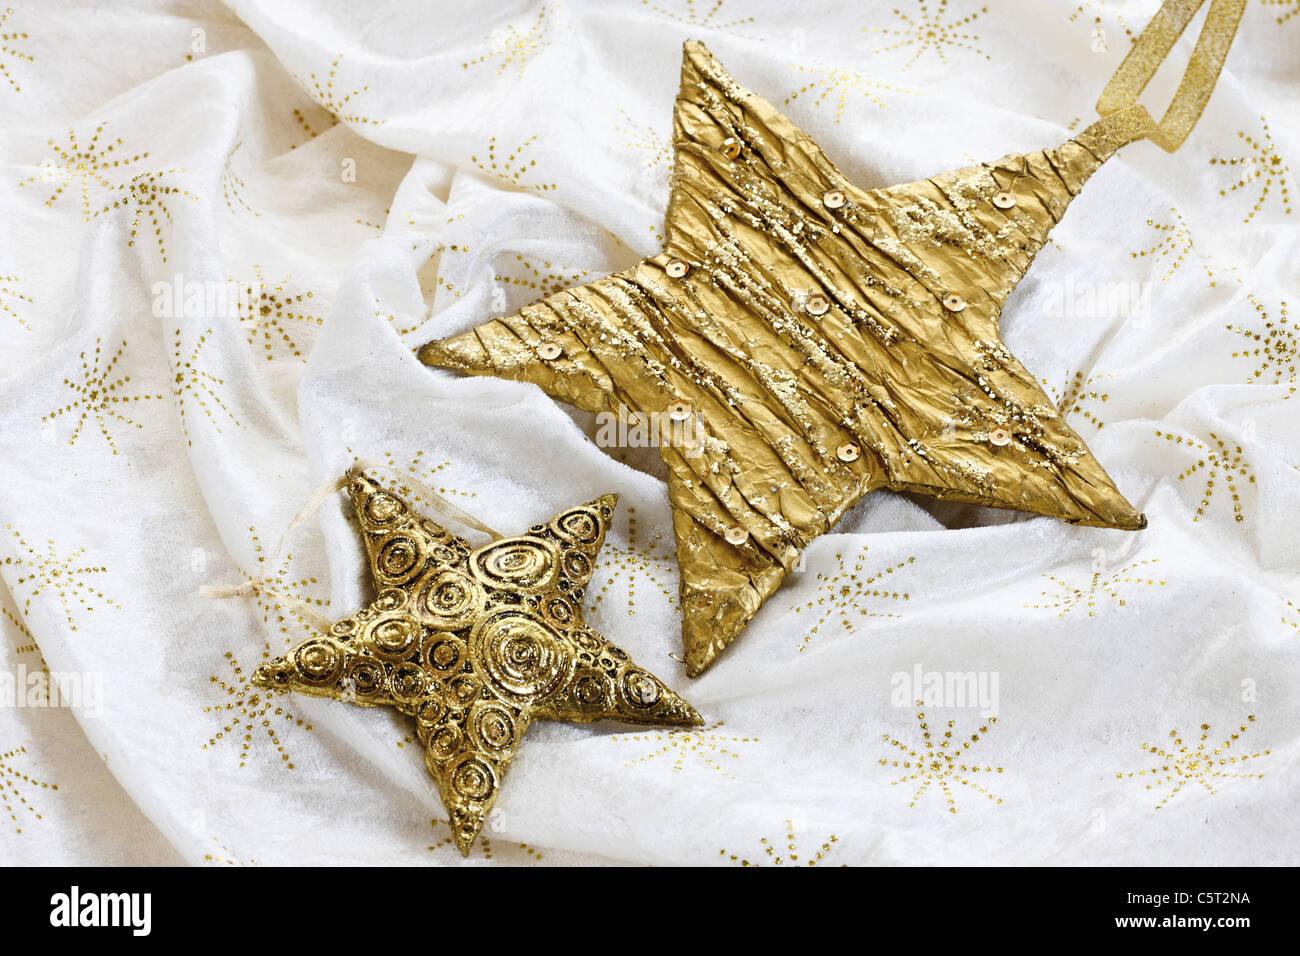 Weihnachts Dekoration, goldene Sterne auf Tischdecke Stockbild